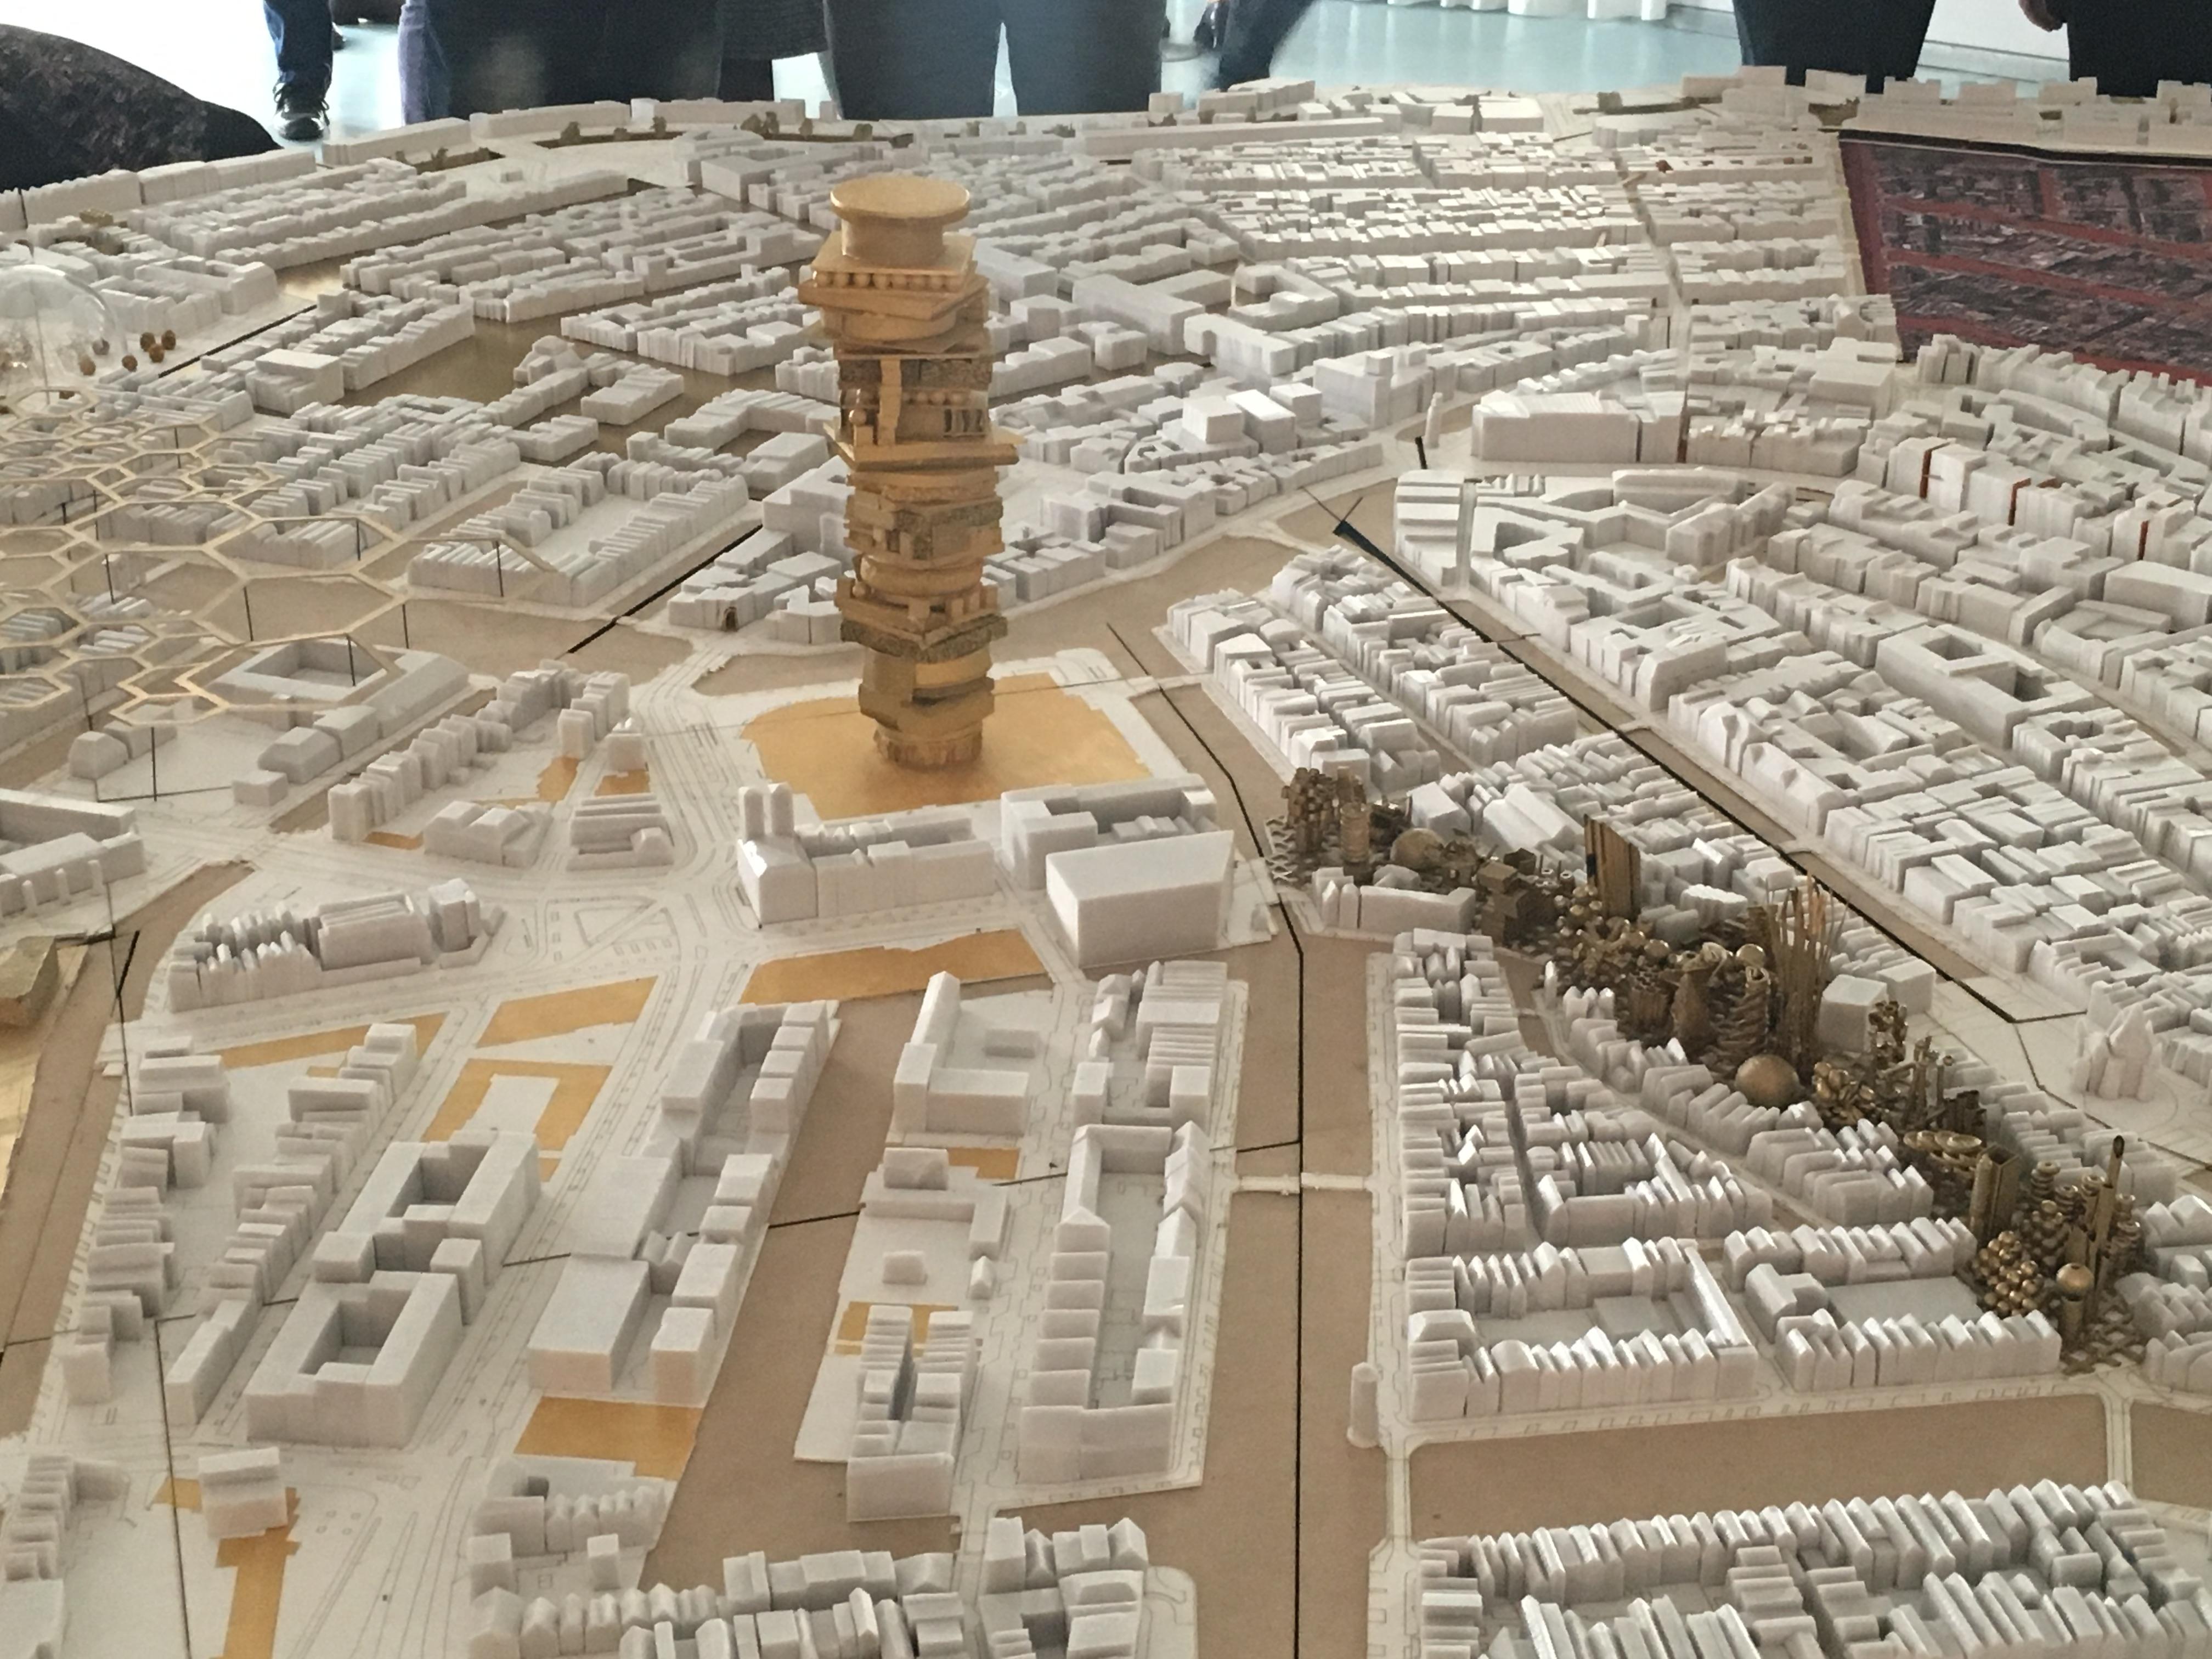 Laborantenblog: De stad is nooit af – Volksvlijt2056